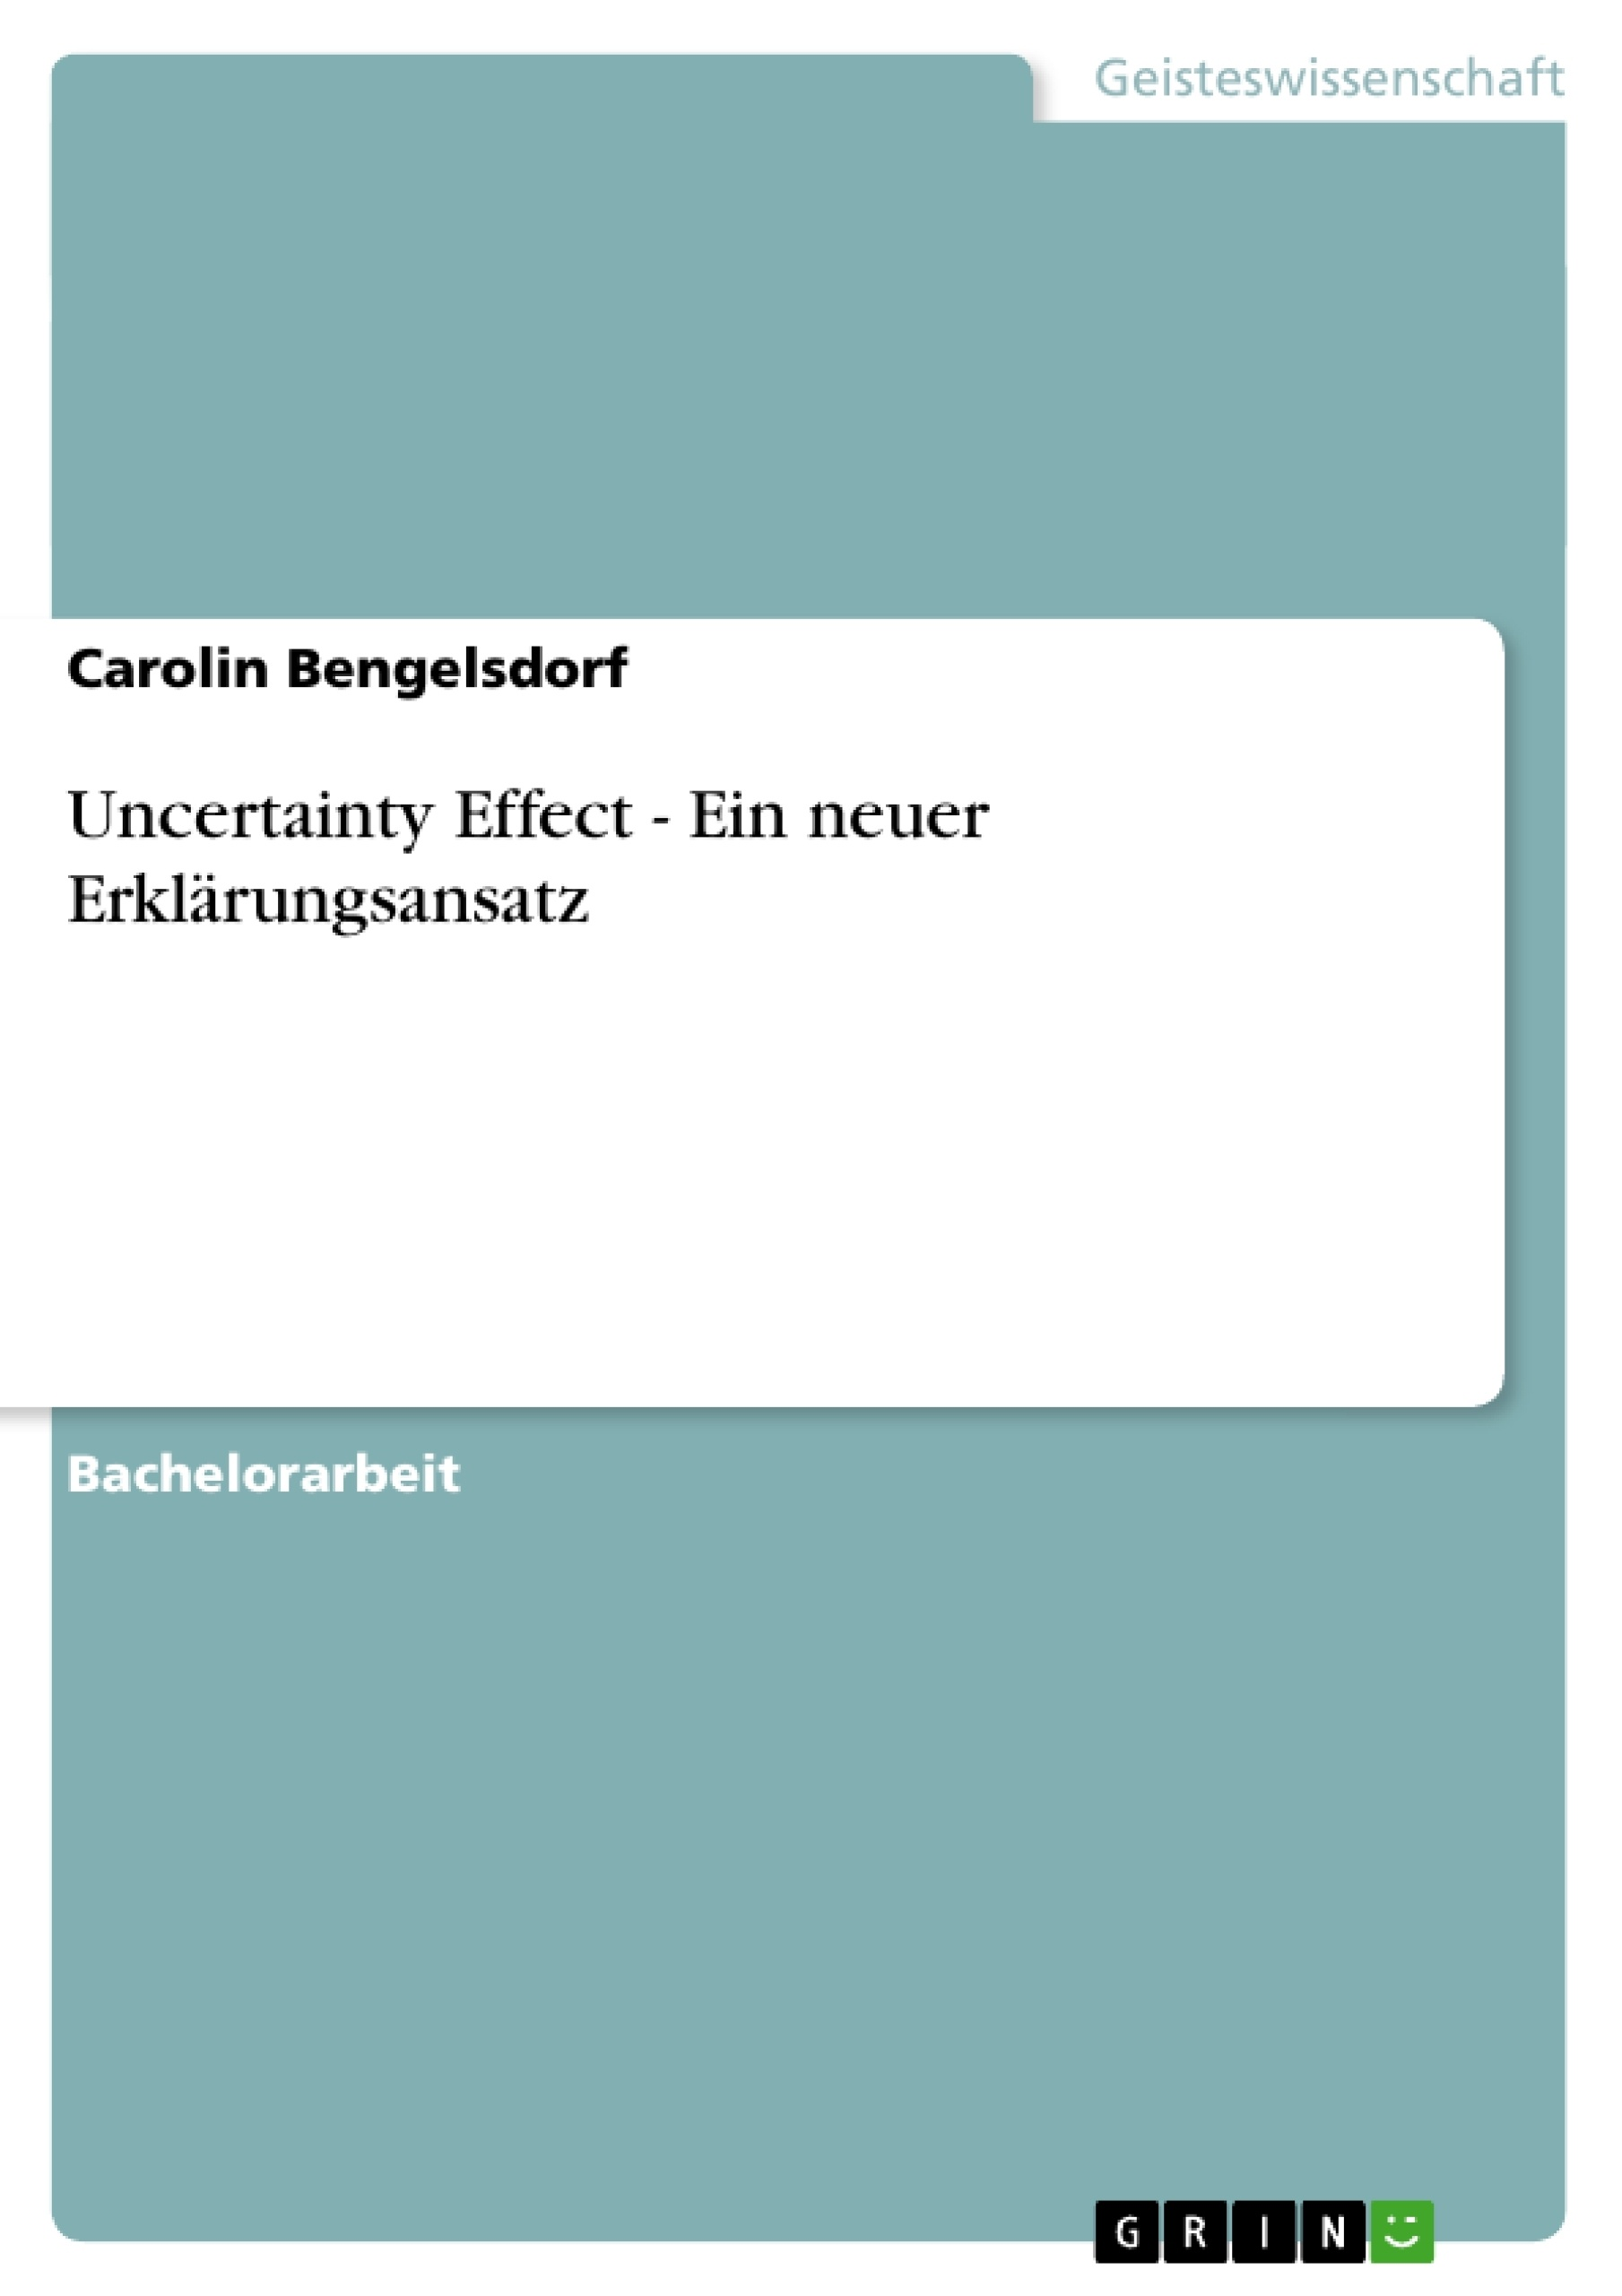 Titel: Uncertainty Effect - Ein neuer Erklärungsansatz